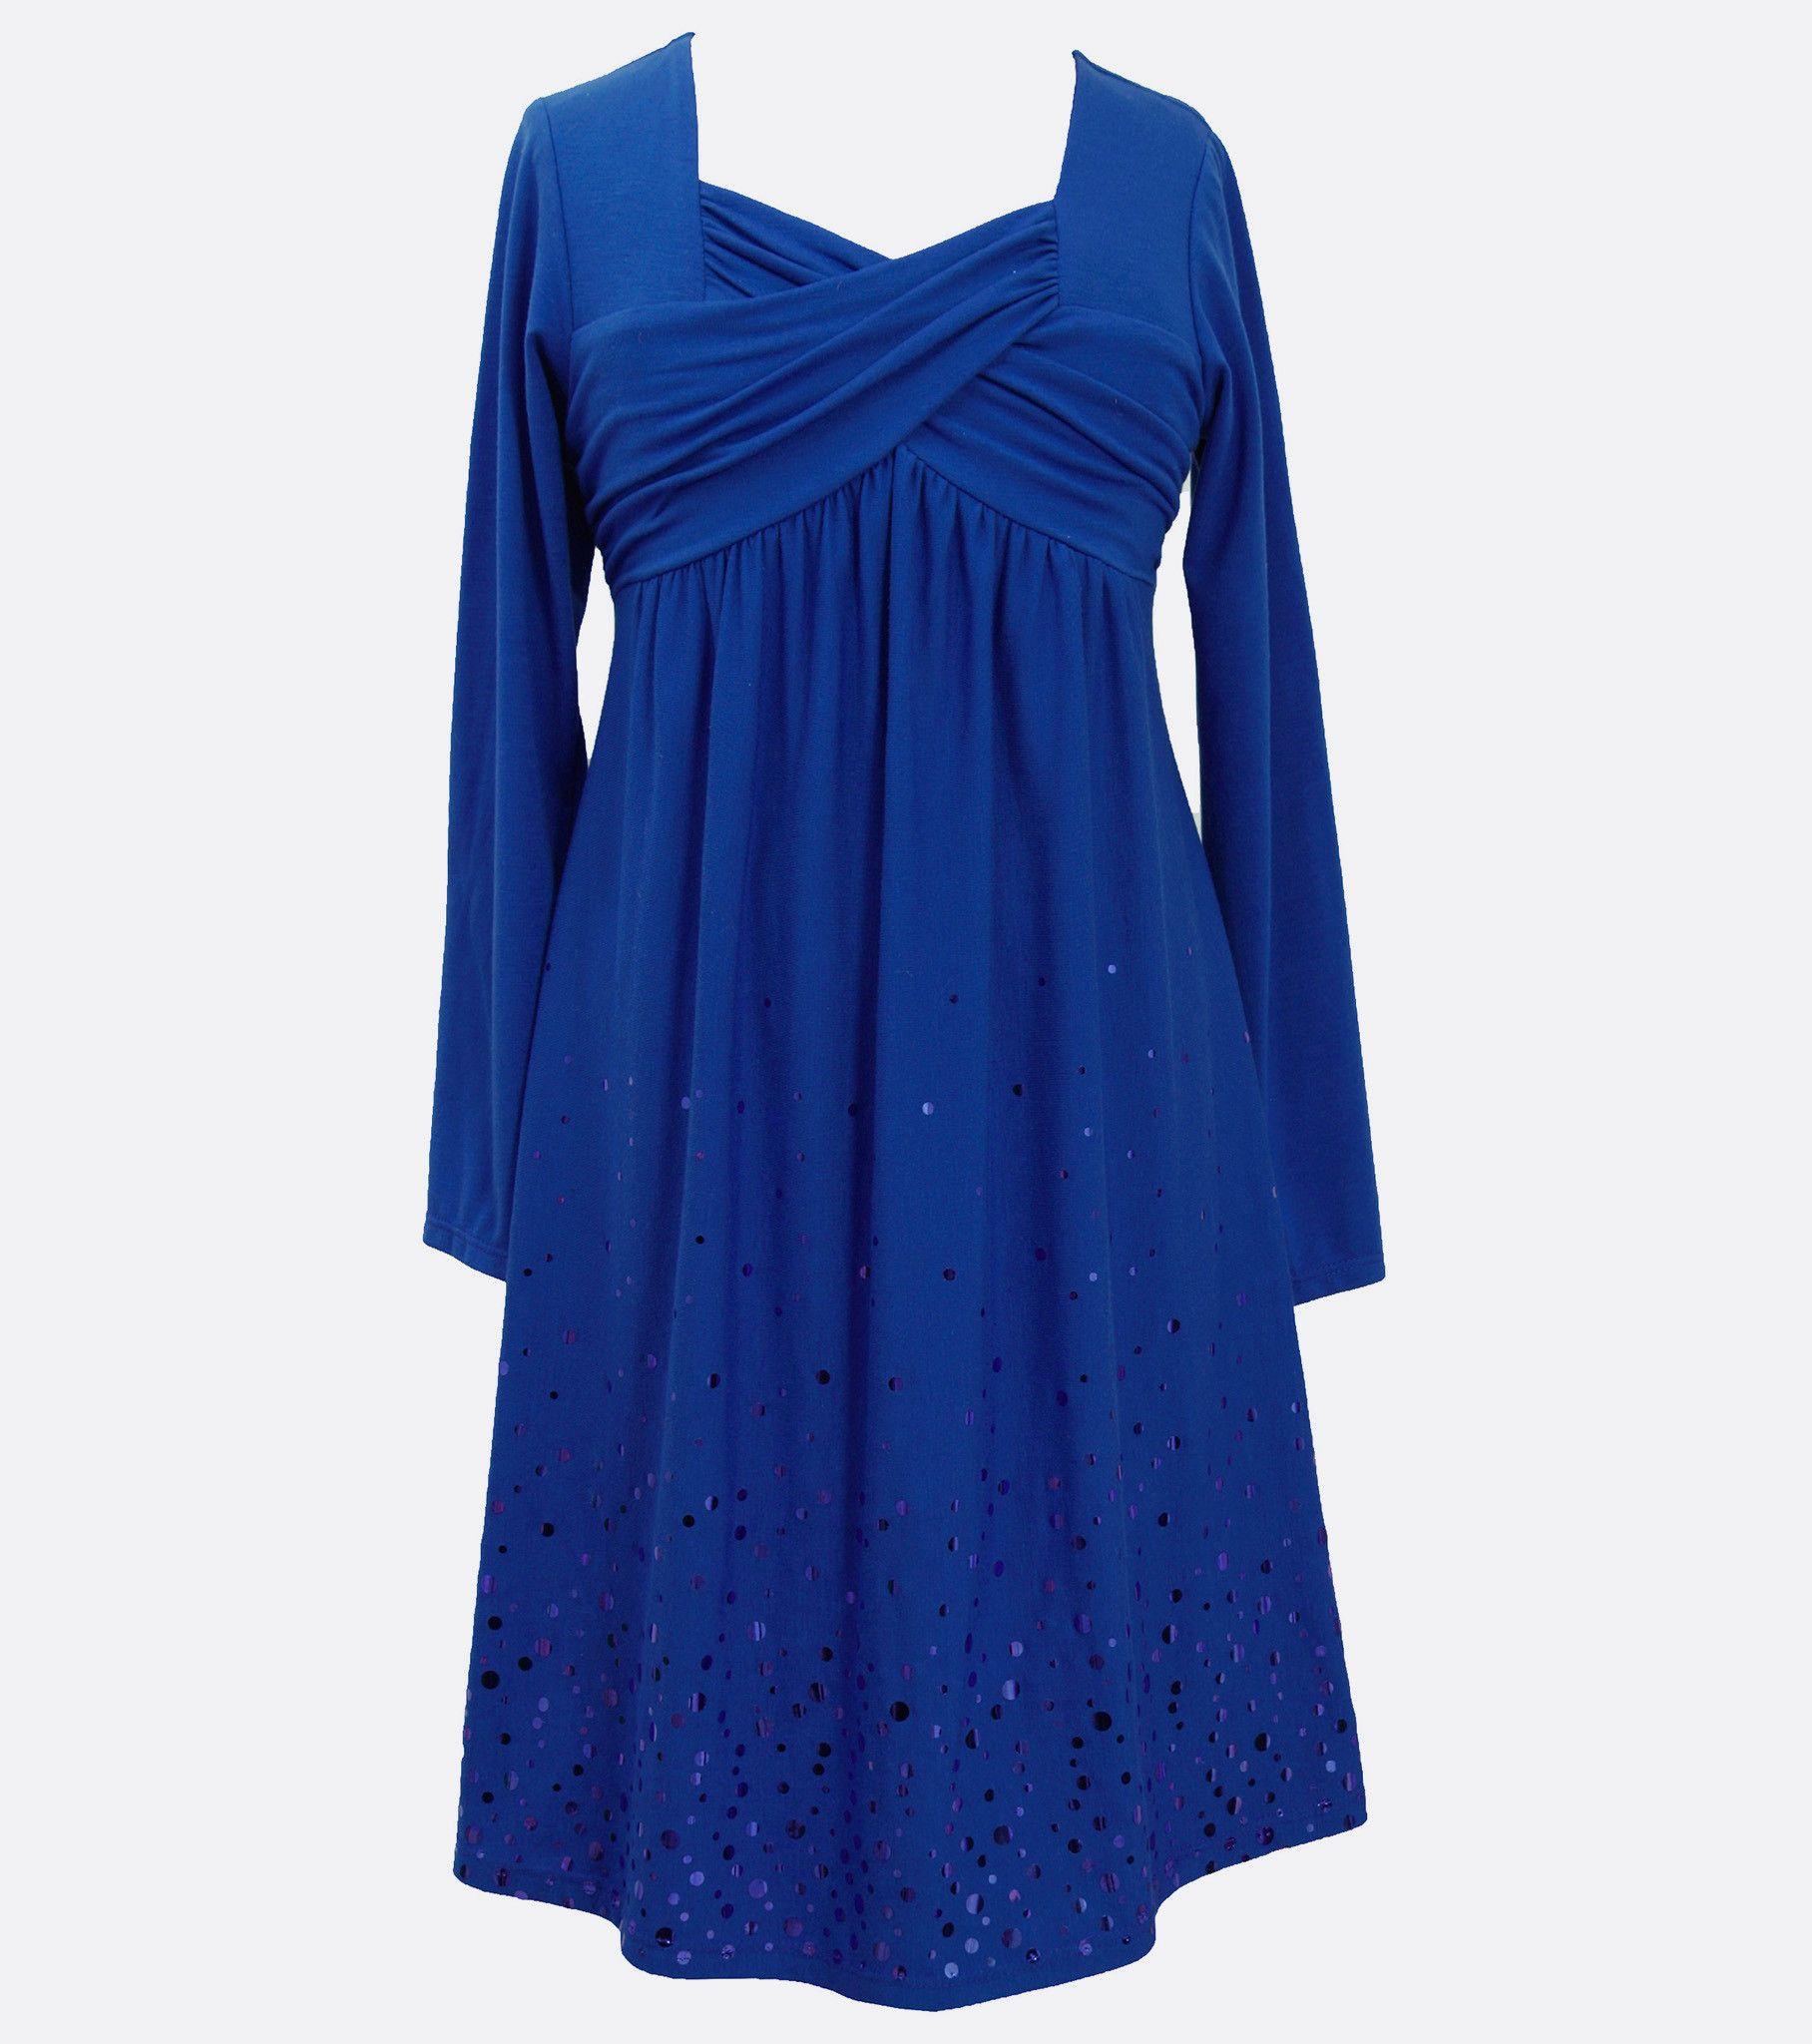 ZZ-MARCH15-Kendra Dress